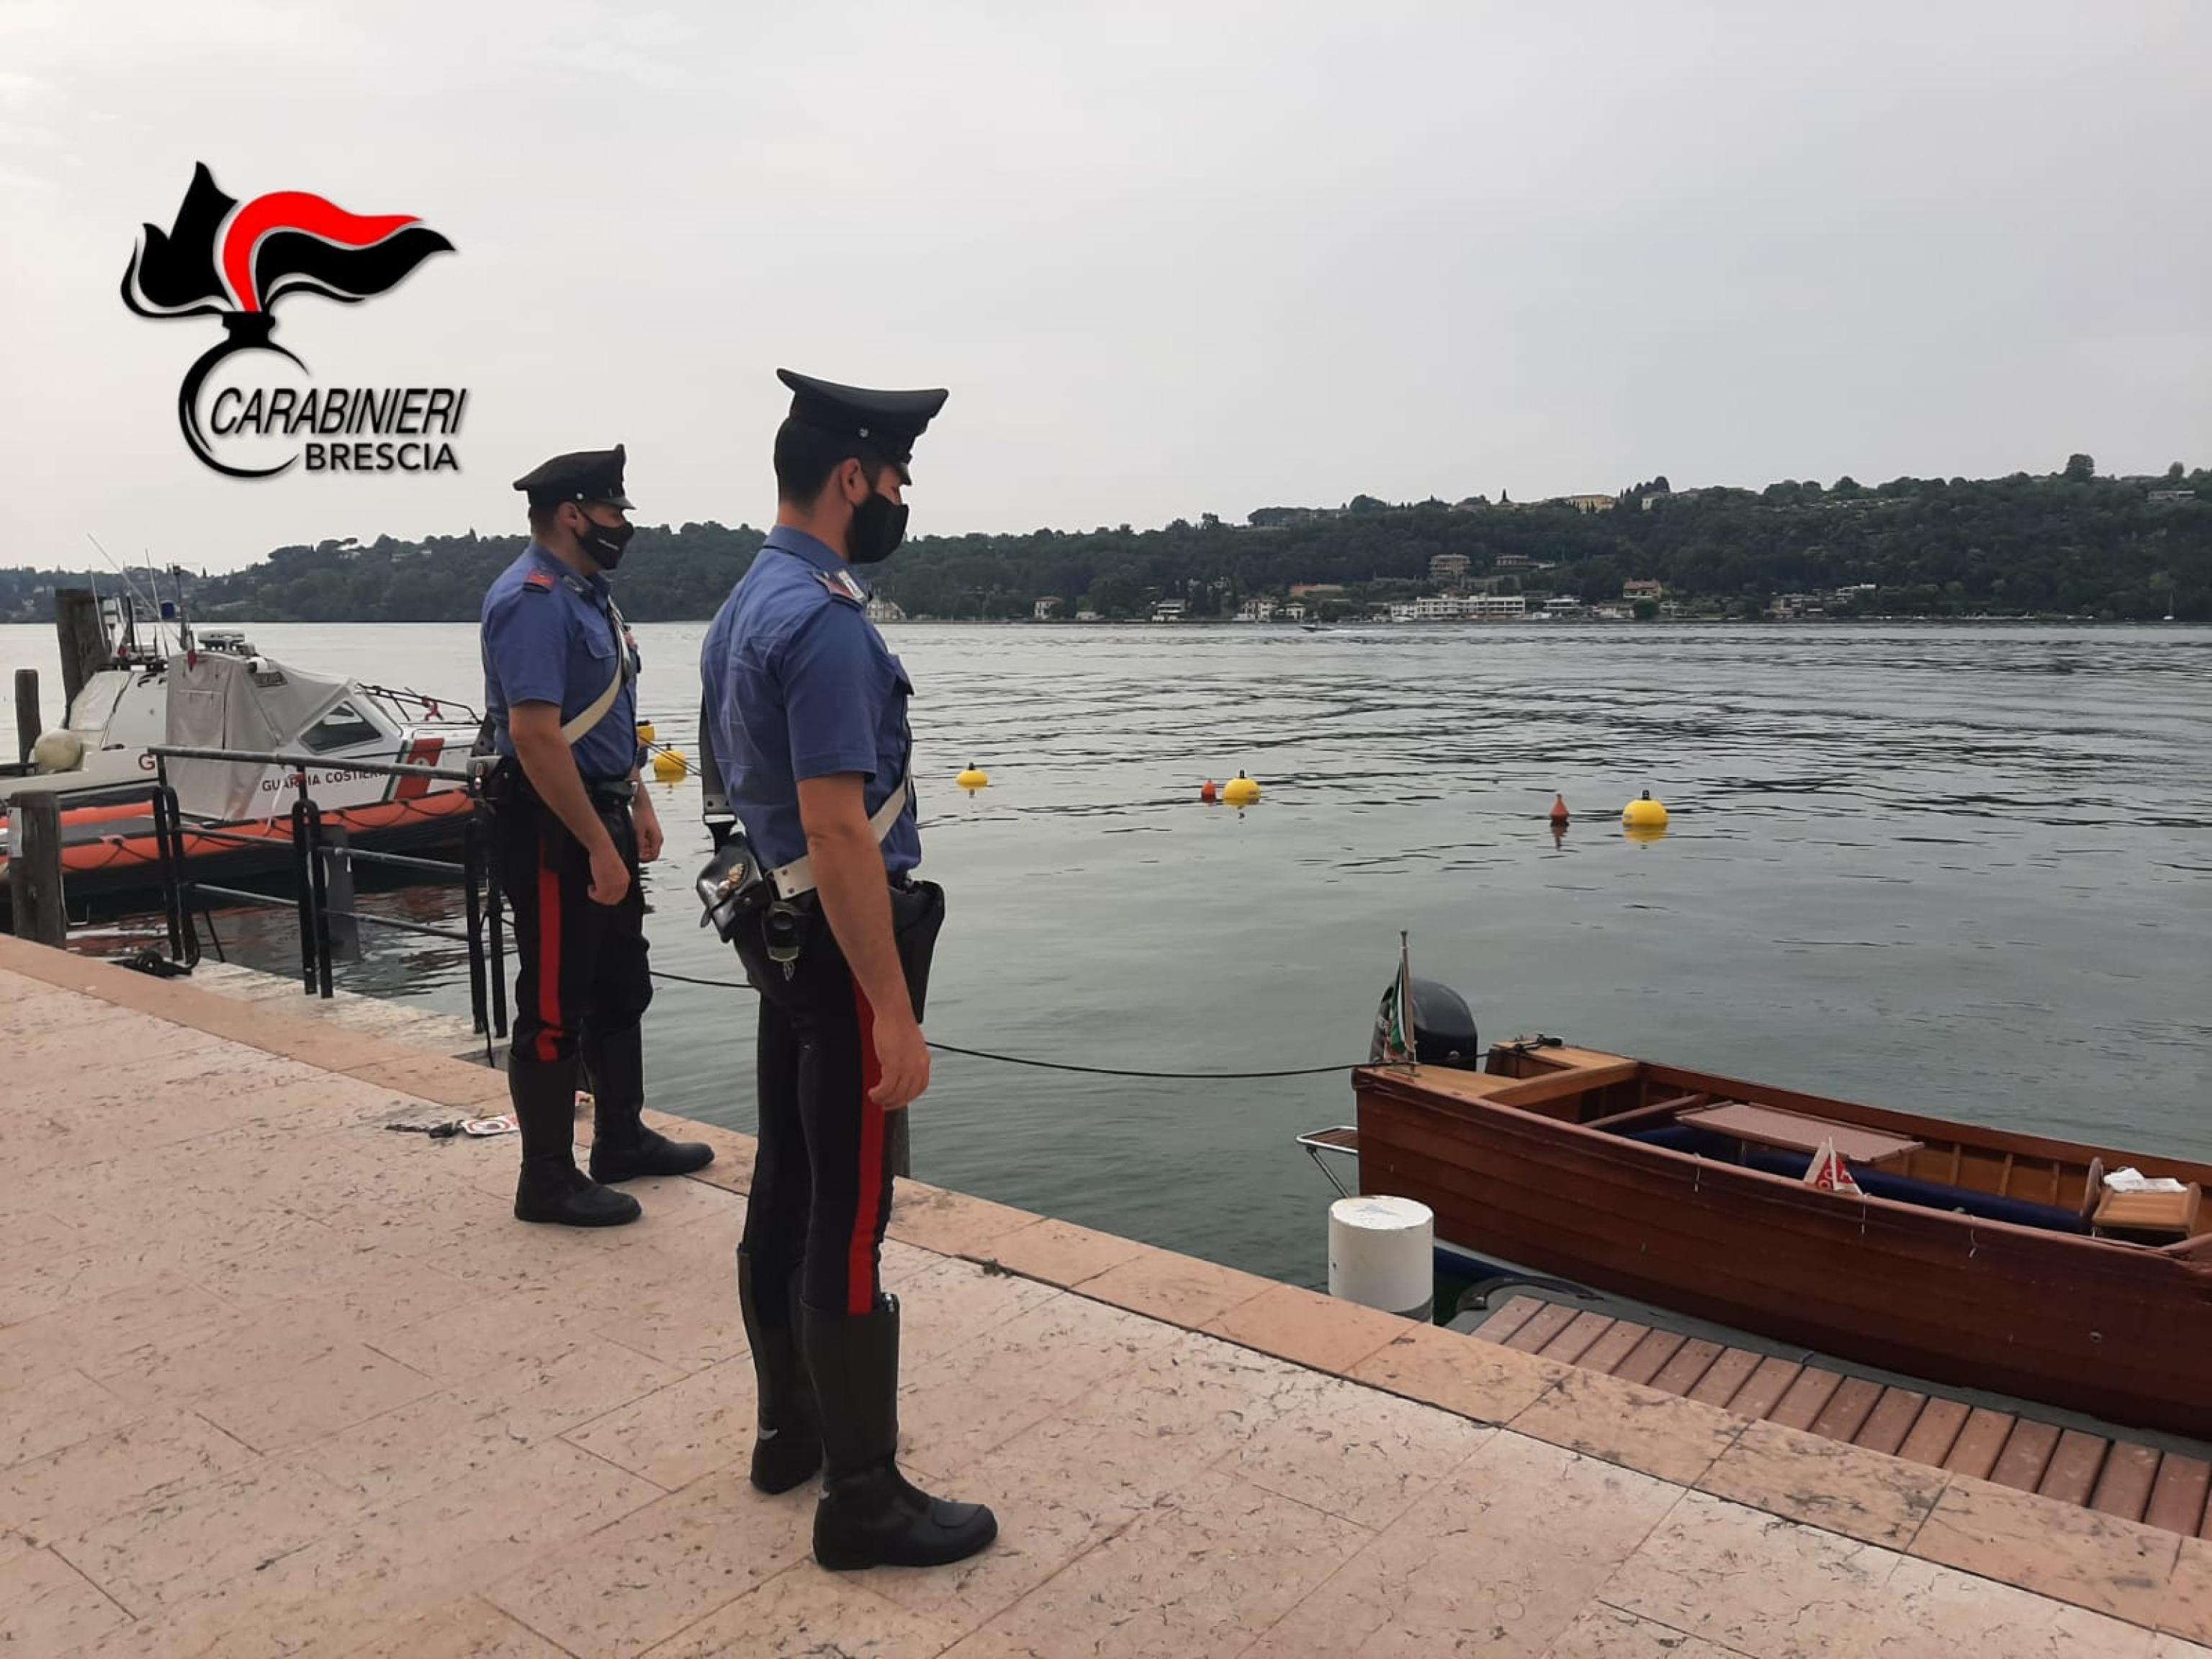 Giallo sul lago di Garda, trovato morto un 35enne su una barca danneggiata. A bordo abiti femminili